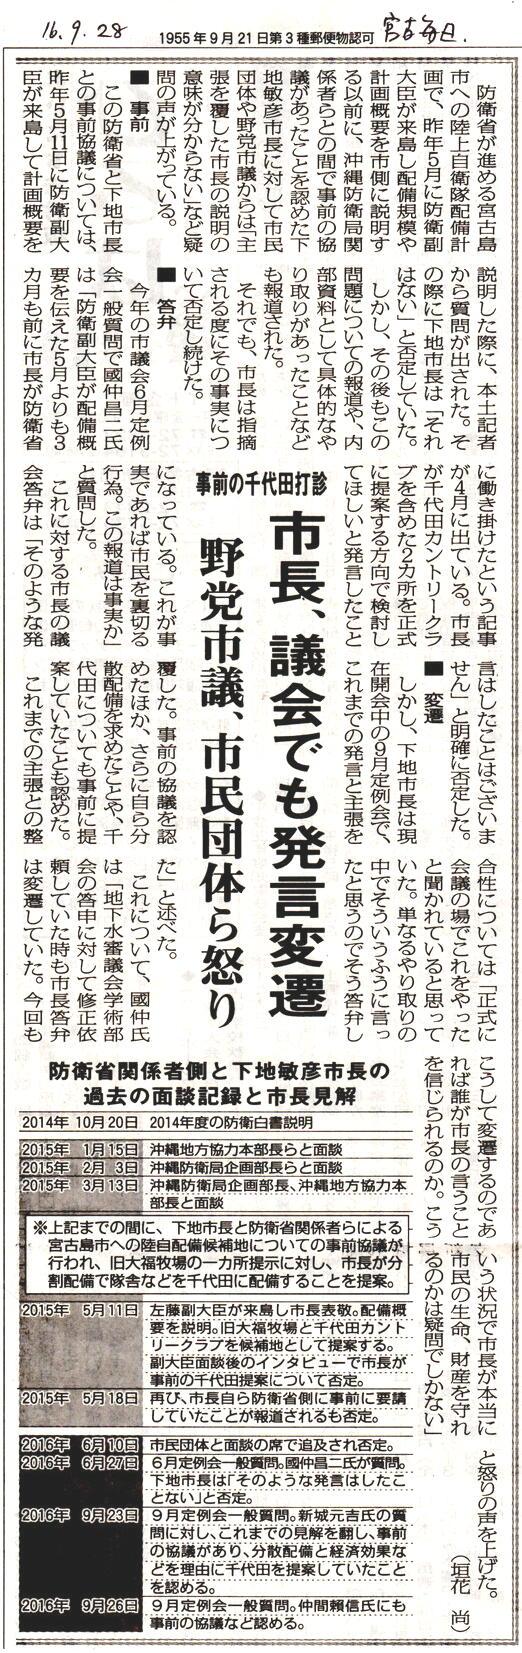 miyakomainichi2016 09282